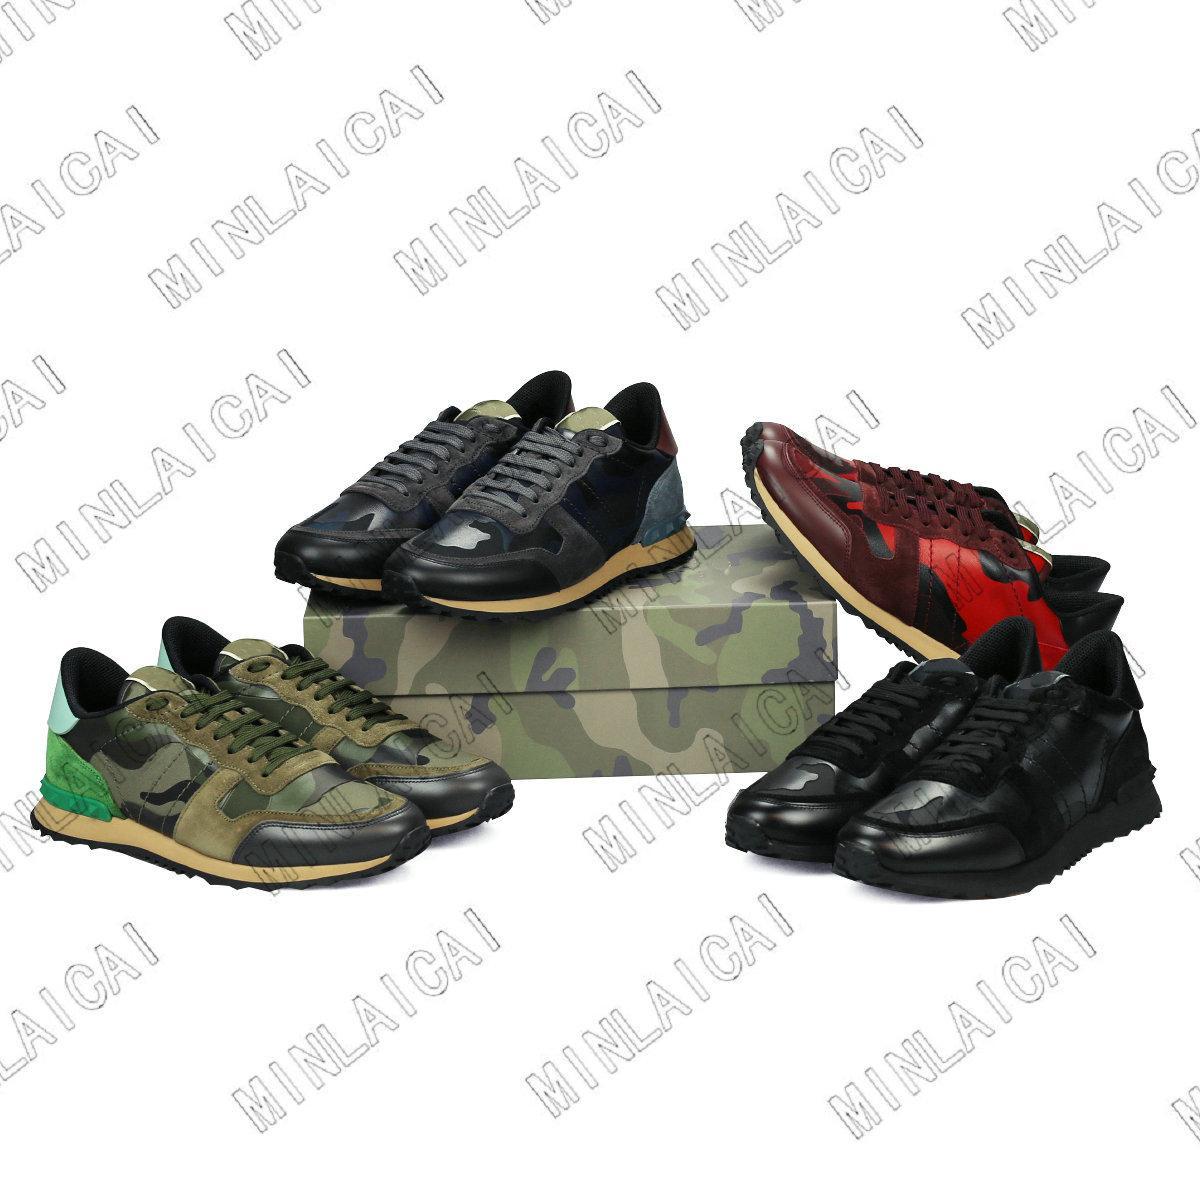 Herrennietsschuh Wildleder Bolzen Frauen Camouflage Luxurys Designer Sneakers RunnerTrainers Designer Platform Freizeitschuhe